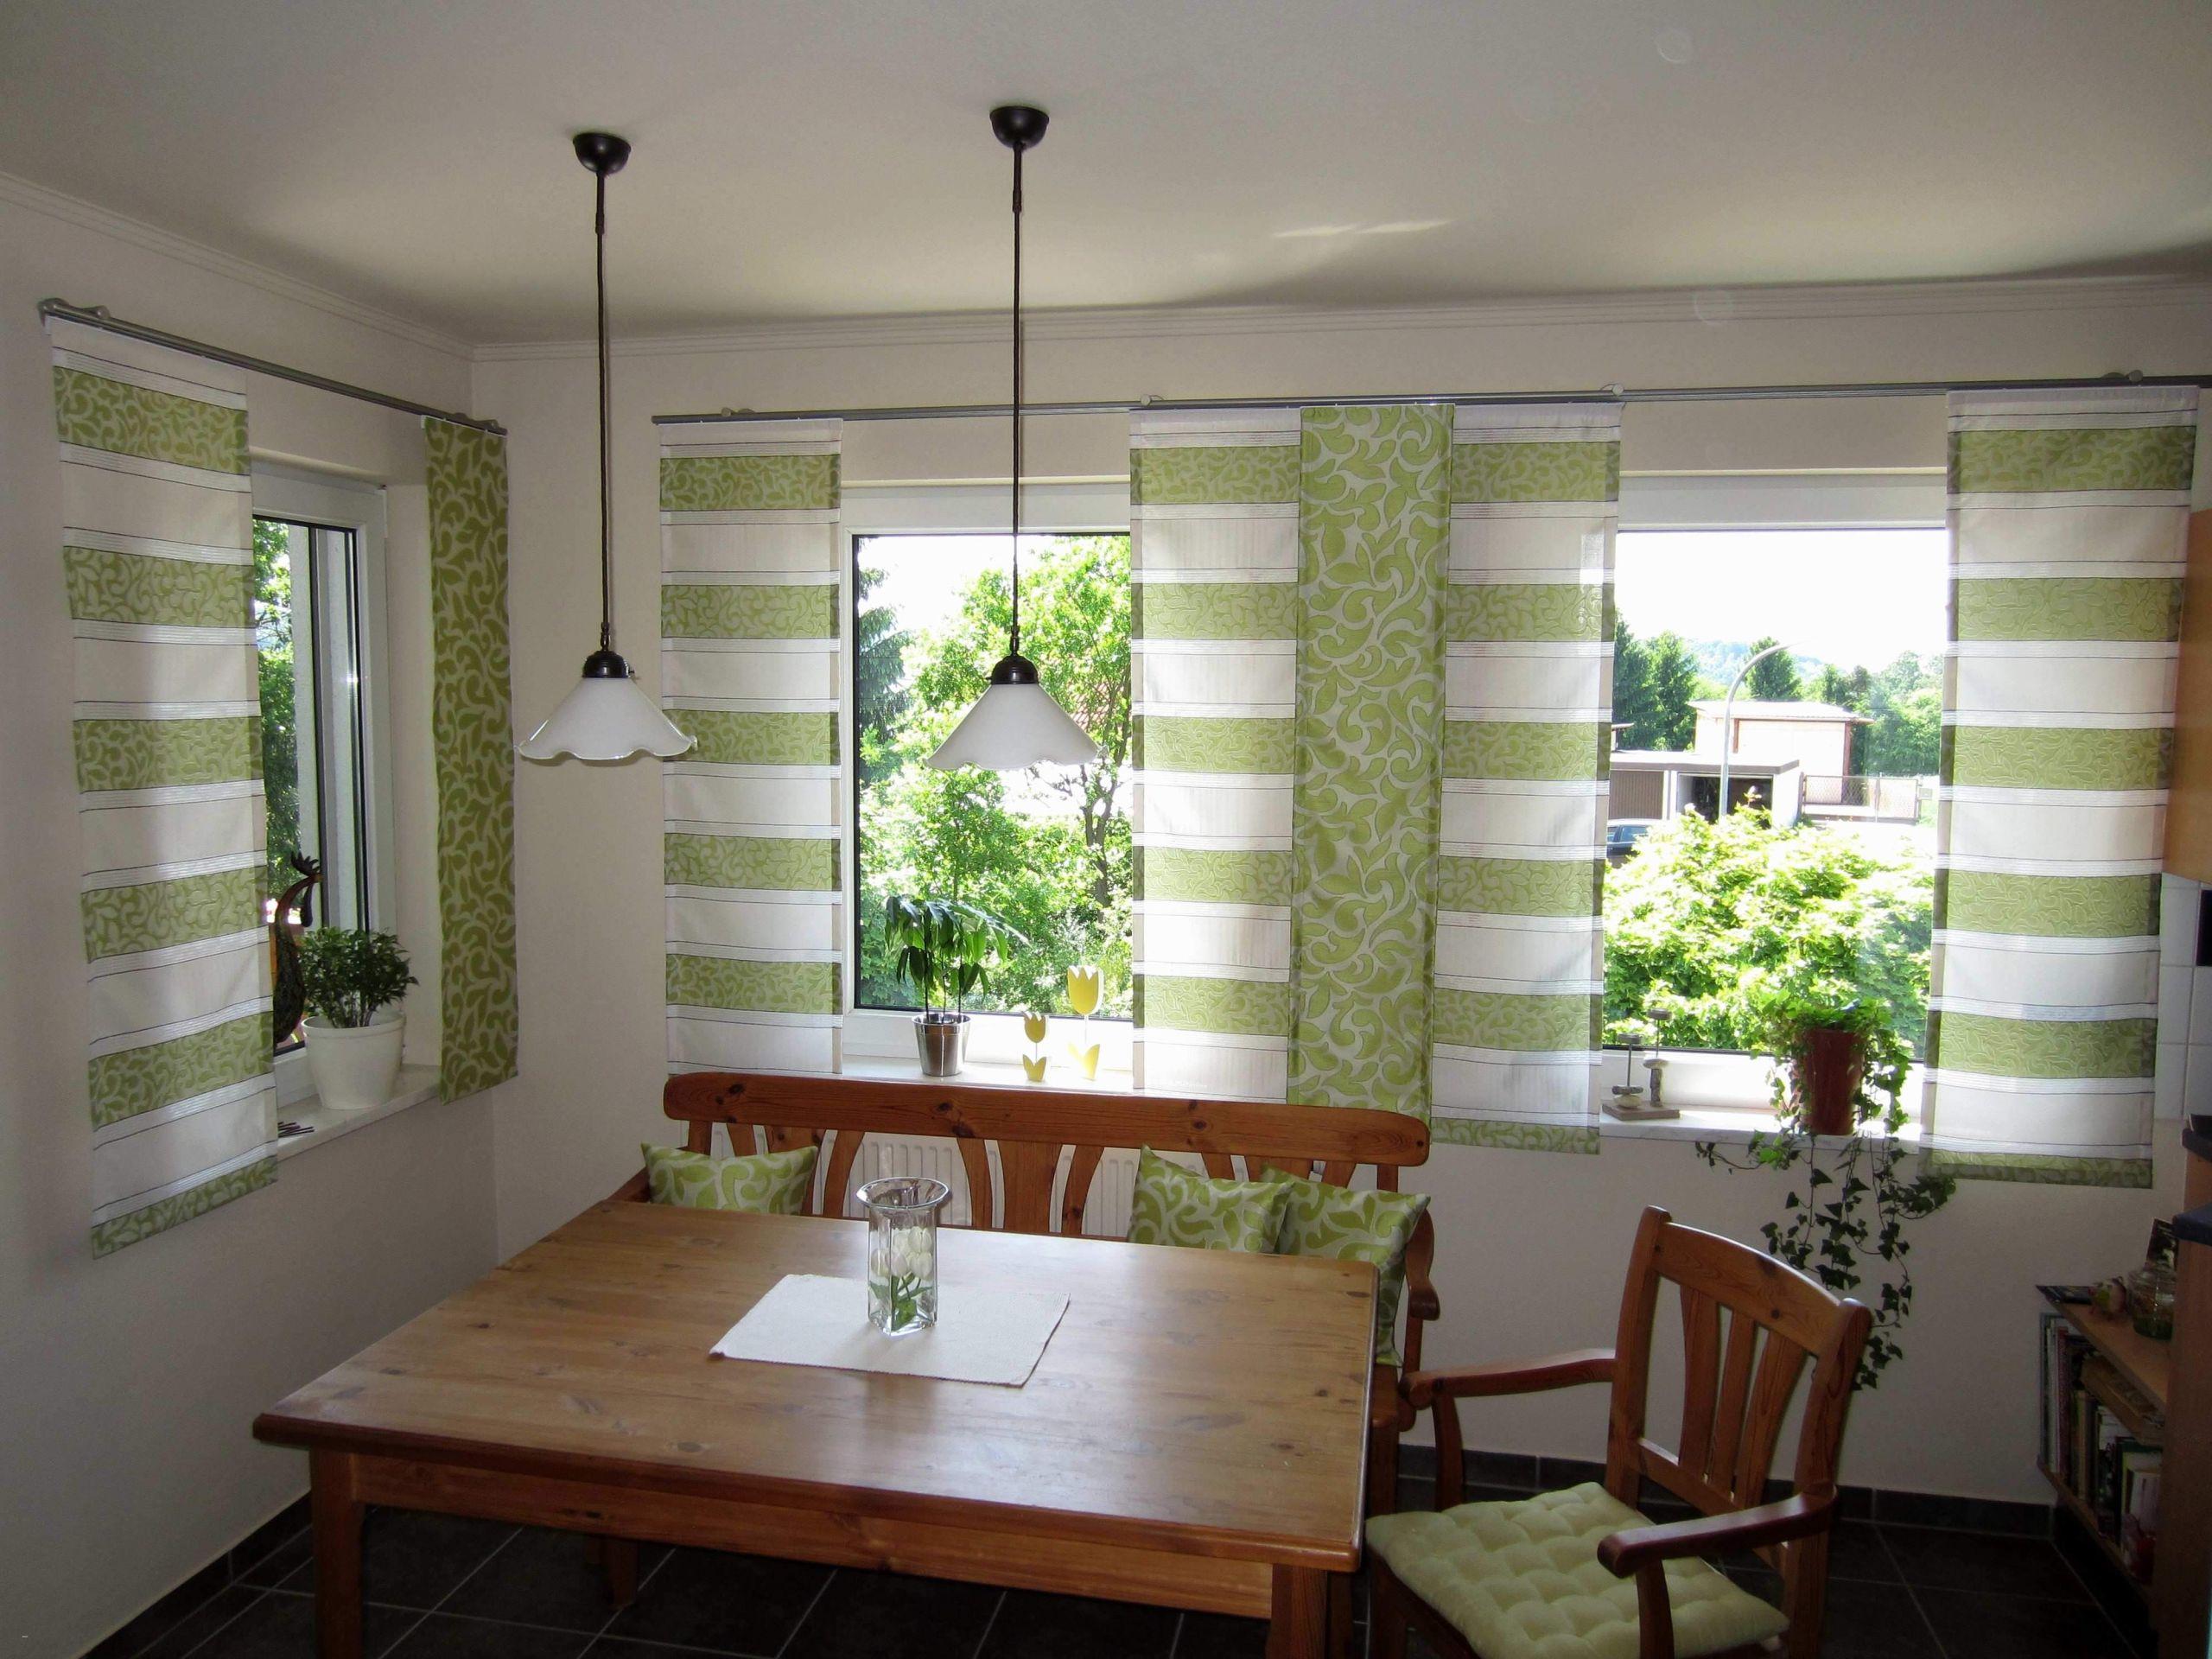 deko garten selber machen neu deko balkon schon balkon dekorieren 0d ideen von wanddekoration selber machen of wanddekoration selber machen